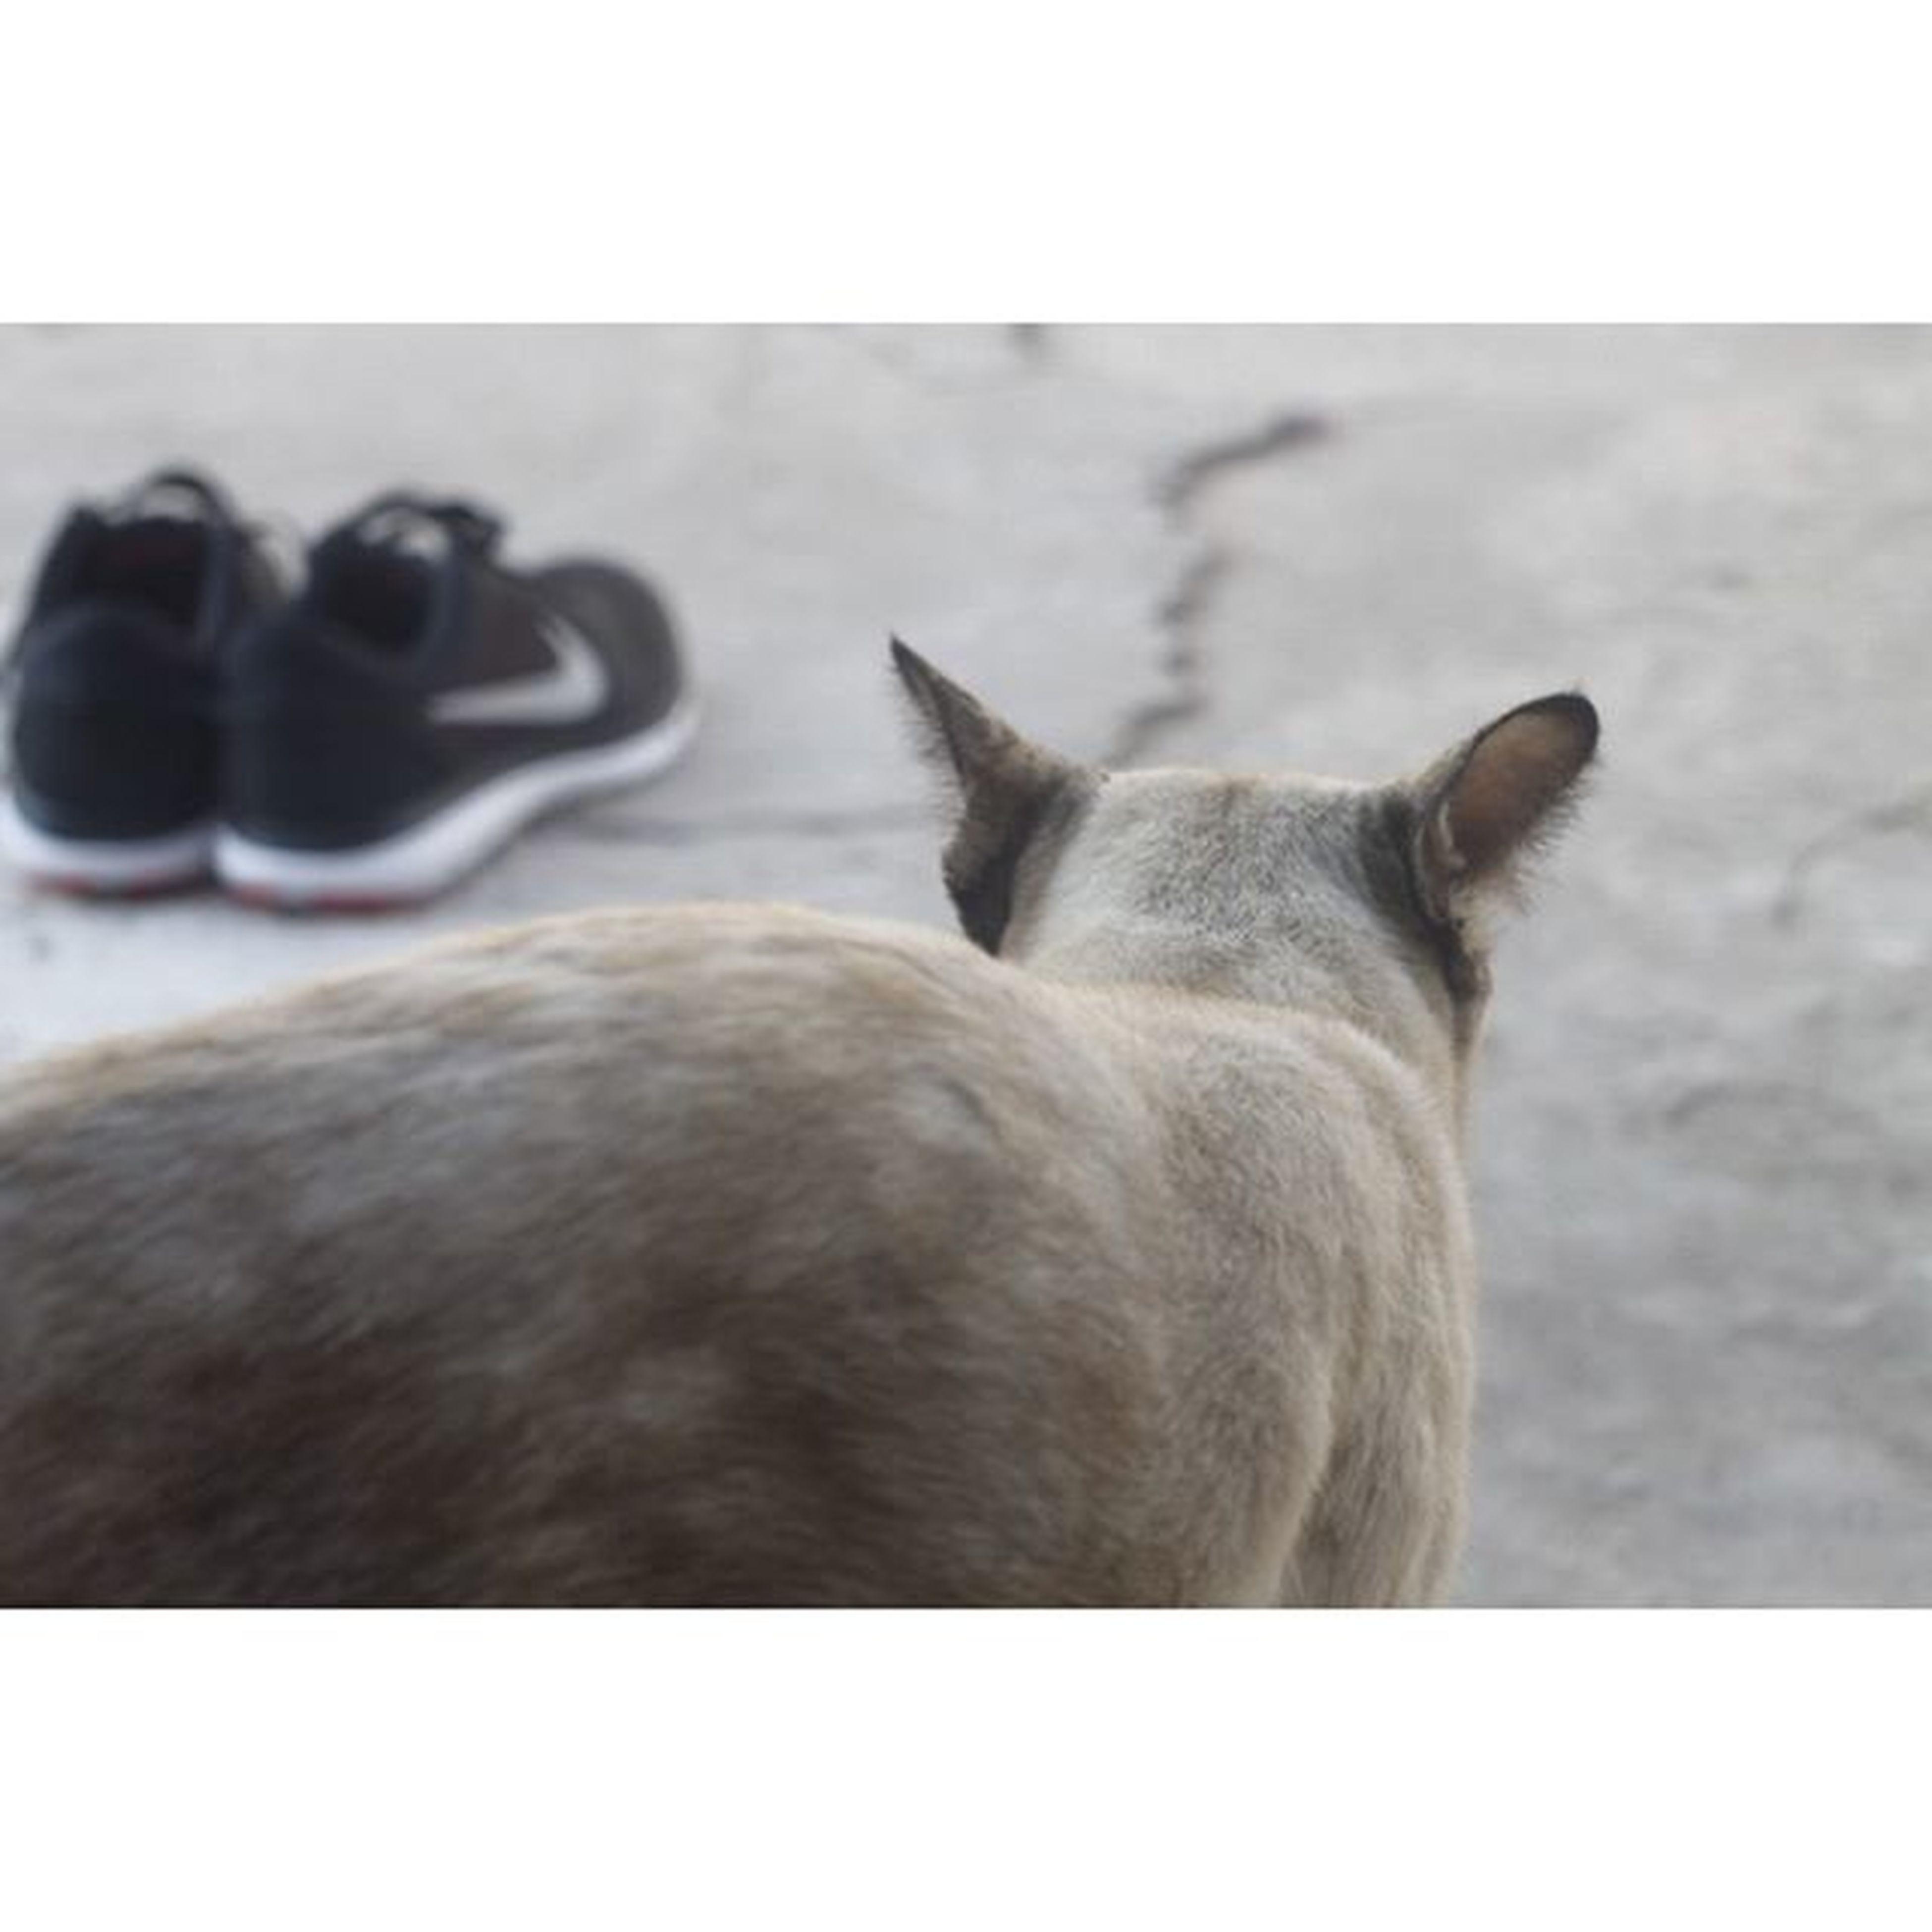 ไอ่เหมียว~ นั่นแกจะทำอะไร? [ 小猫!你干什么?] Nike Nikeflex2015 Gymshoes Cat